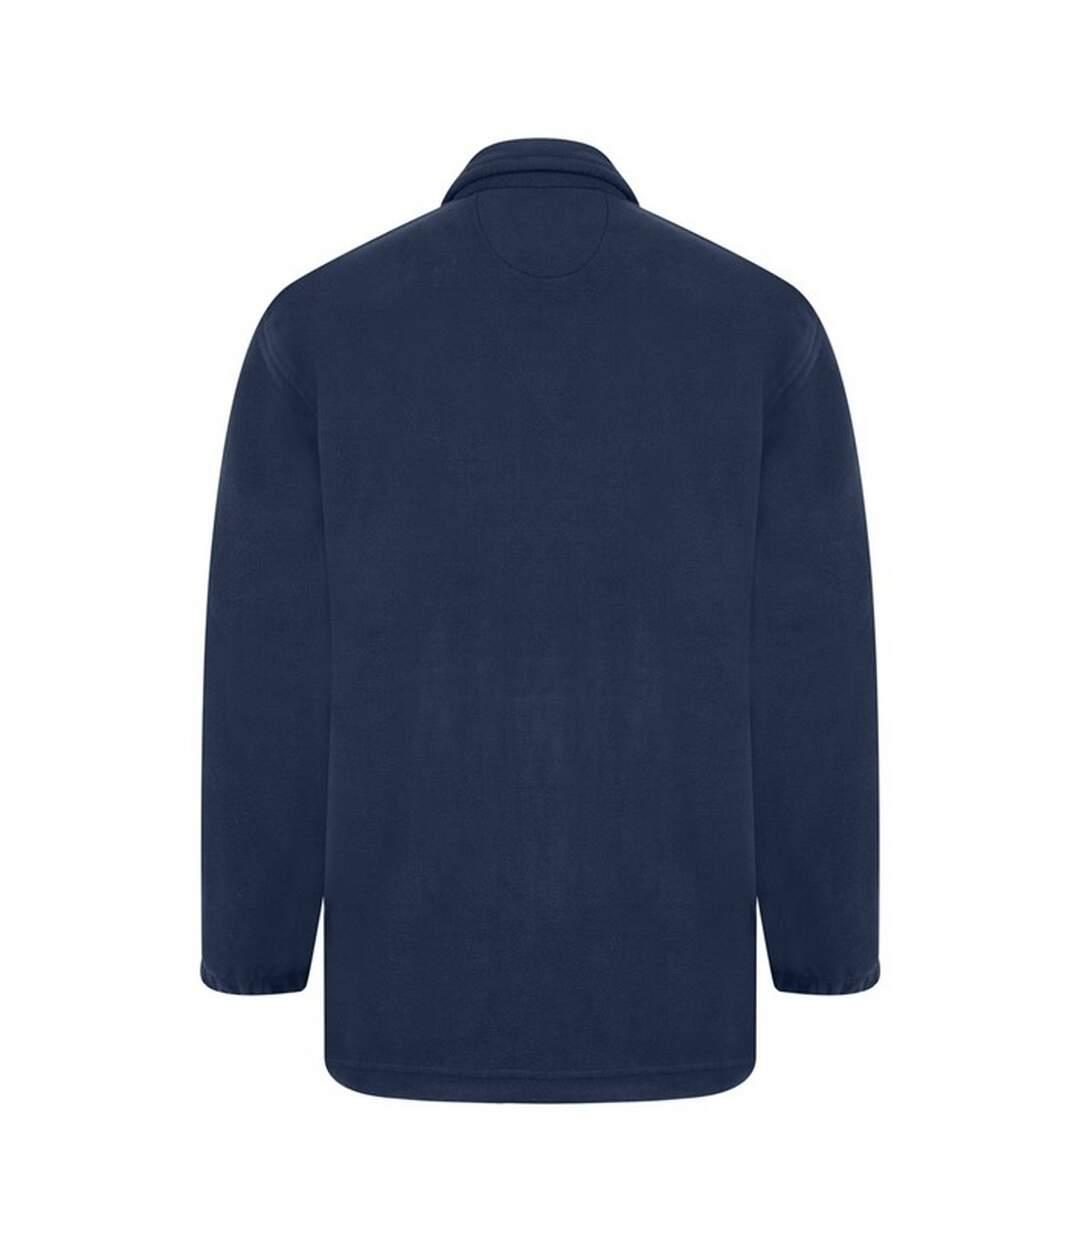 Absolute Apparel Heritage Full Zip Fleece (Navy) - UTAB128